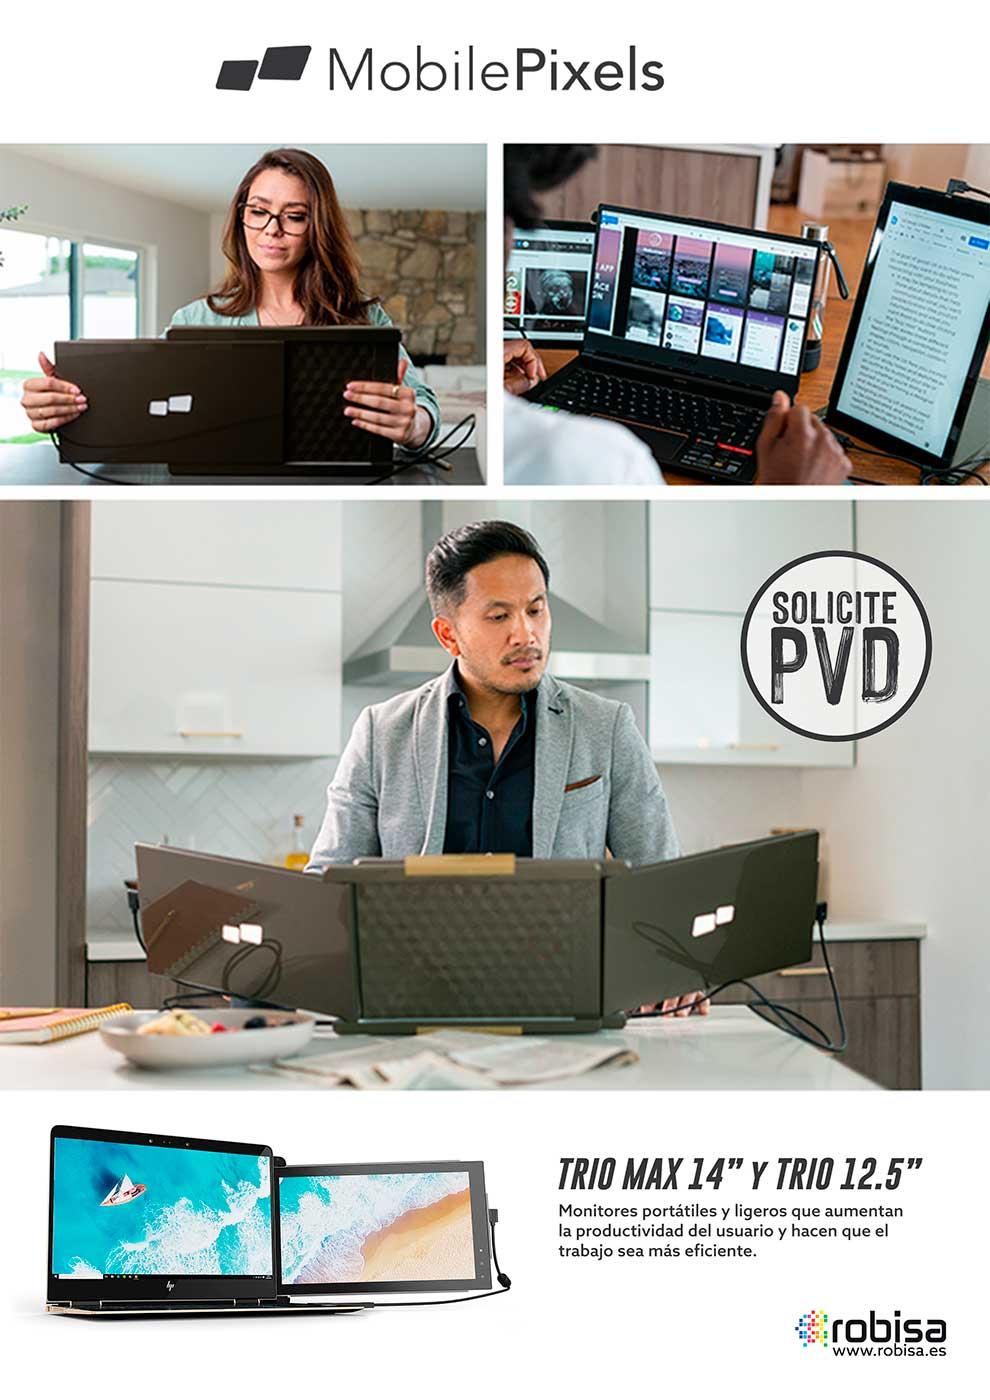 mobilepixels amplia pantalals en tu portatil